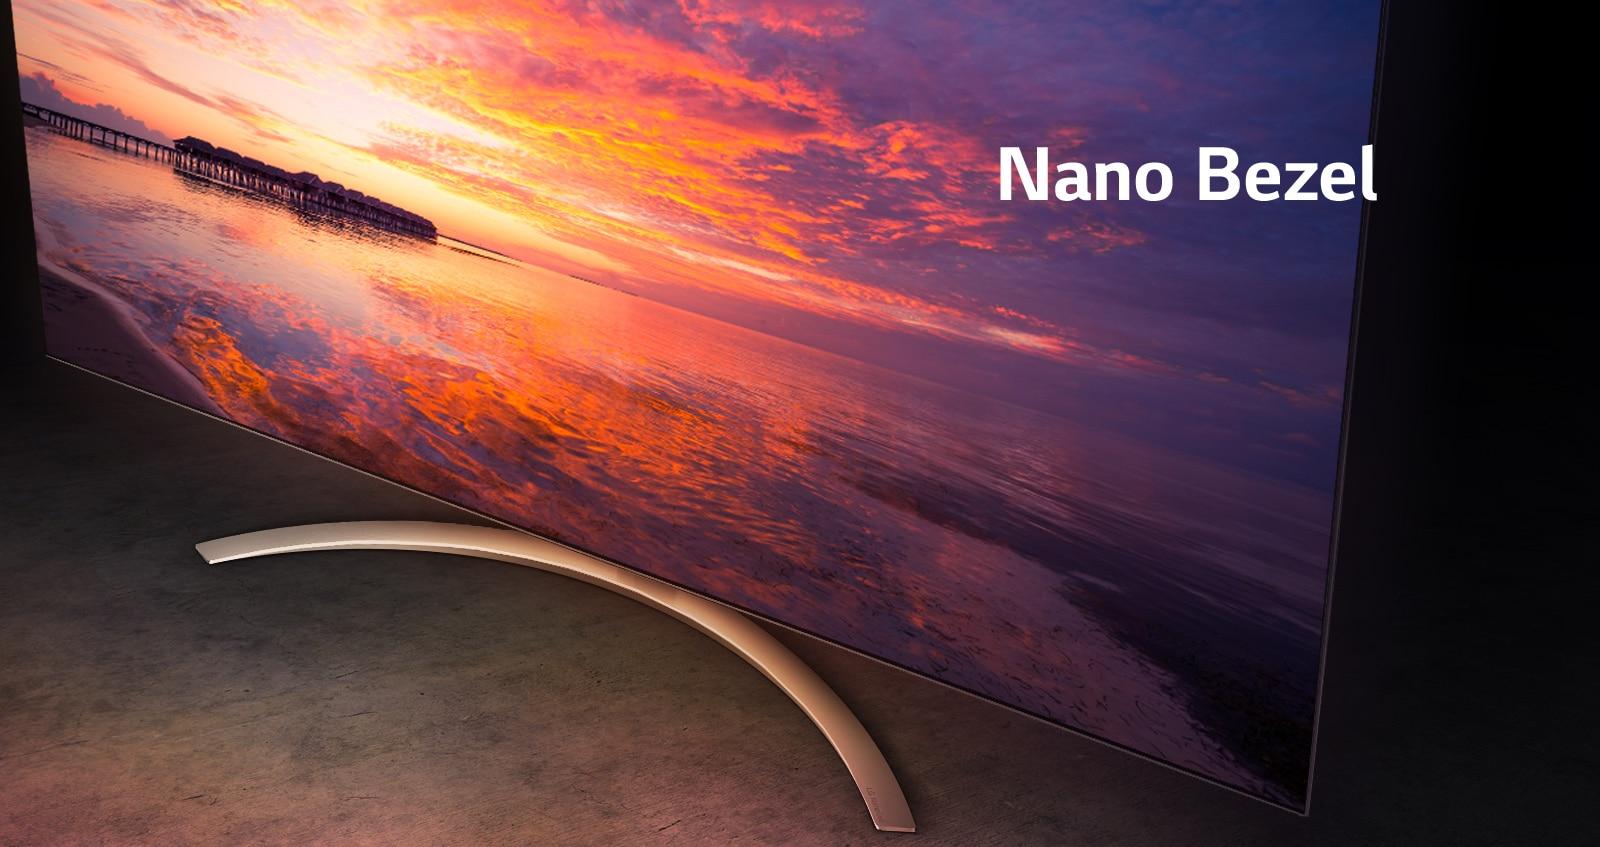 LG Nano Bezel TV